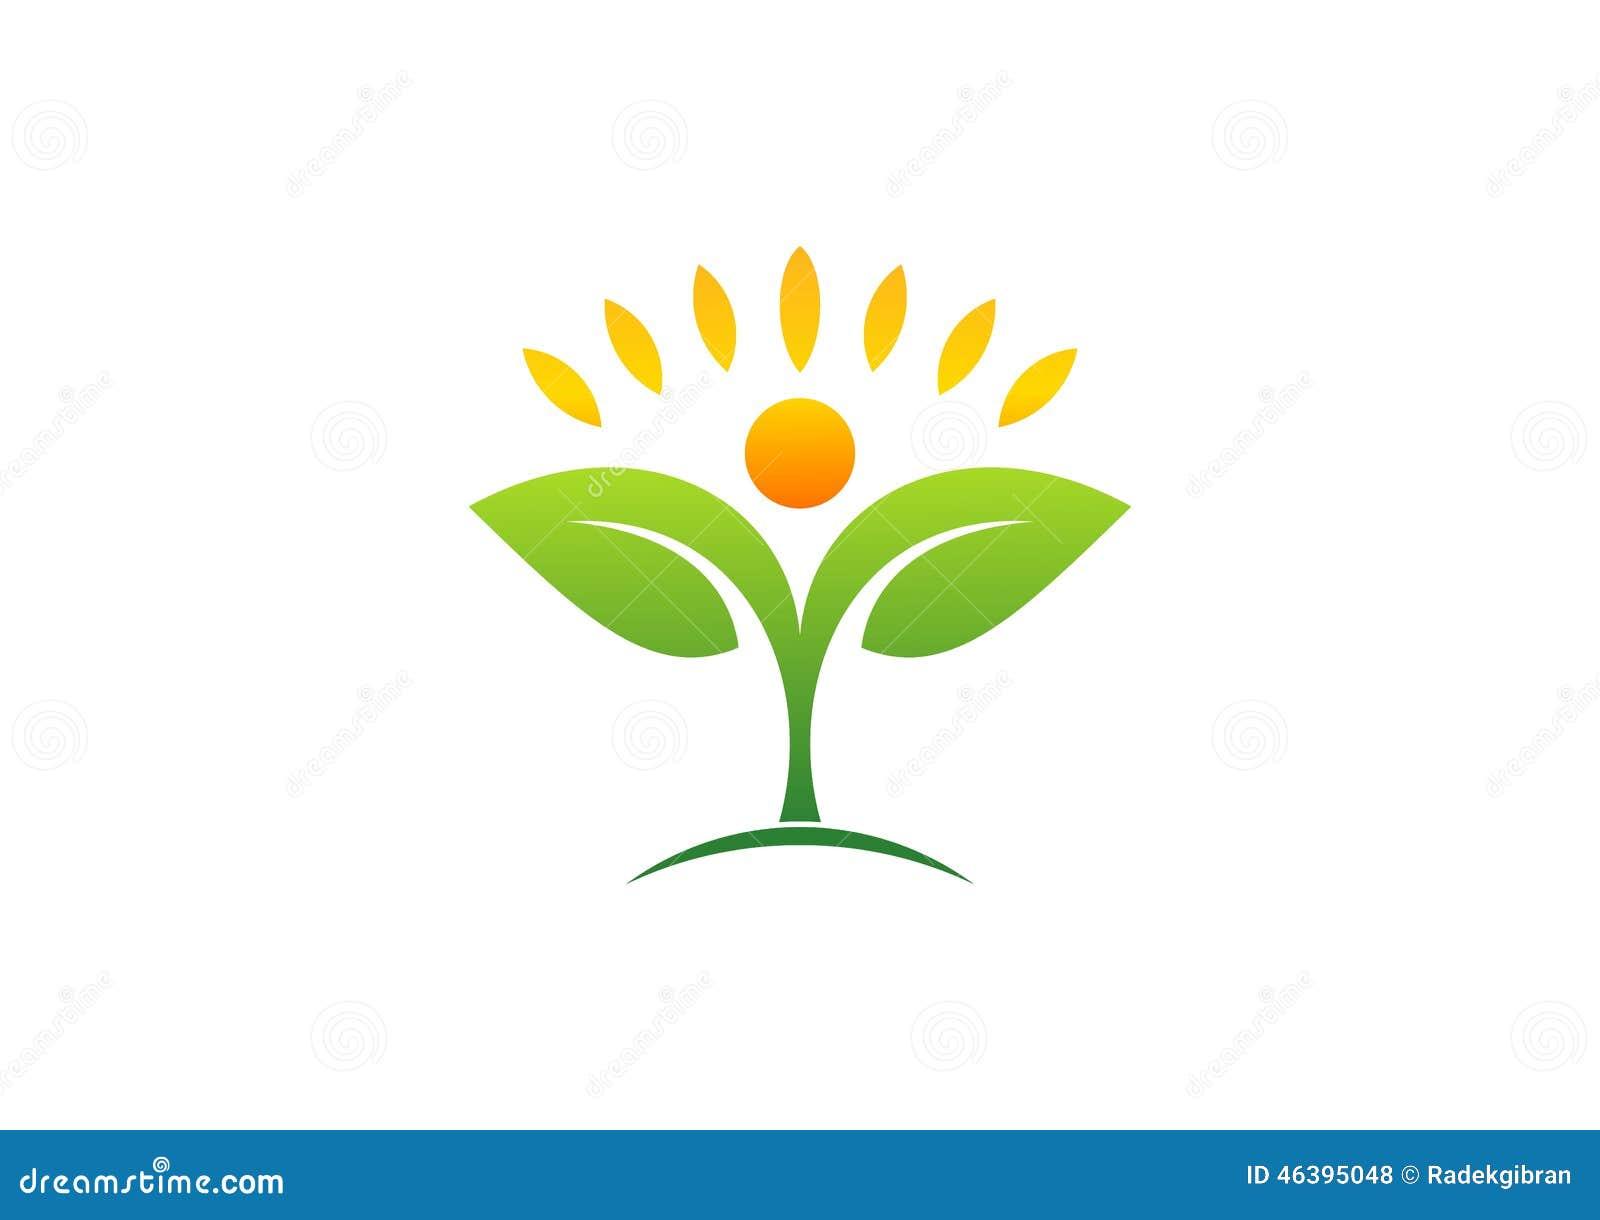 Завод, люди, естественное, логотип, здоровье, солнце, лист, ботаника, экологичность, символ и значок